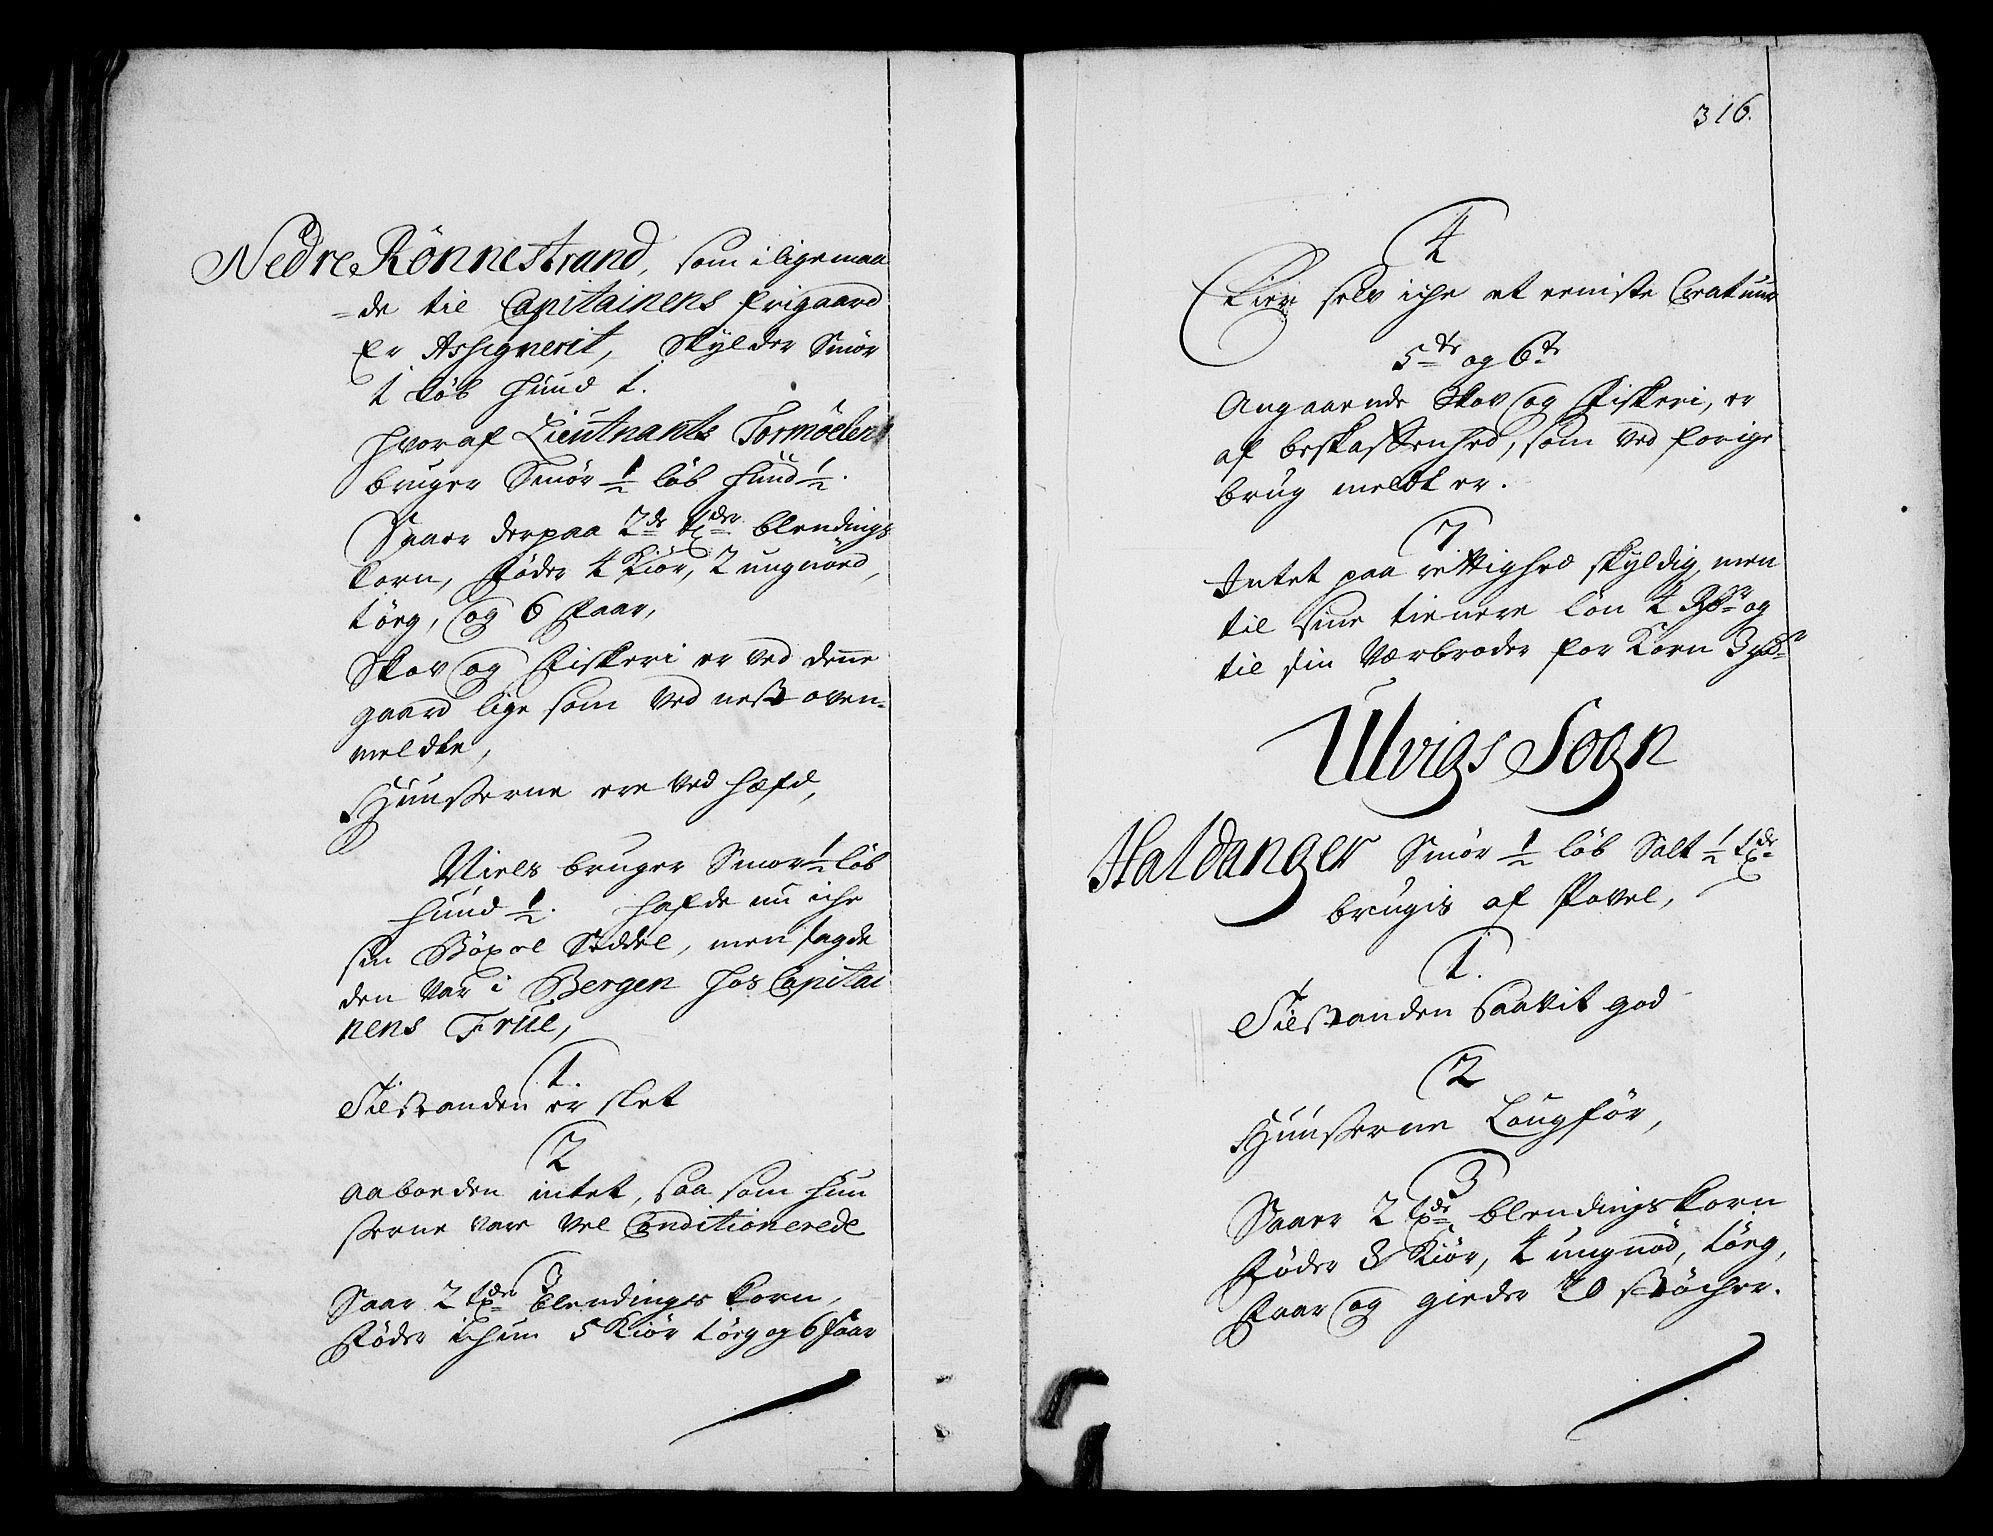 RA, Rentekammeret inntil 1814, Realistisk ordnet avdeling, On/L0003: [Jj 4]: Kommisjonsforretning over Vilhelm Hanssøns forpaktning av Halsnøy klosters gods, 1712-1722, s. 315b-316a